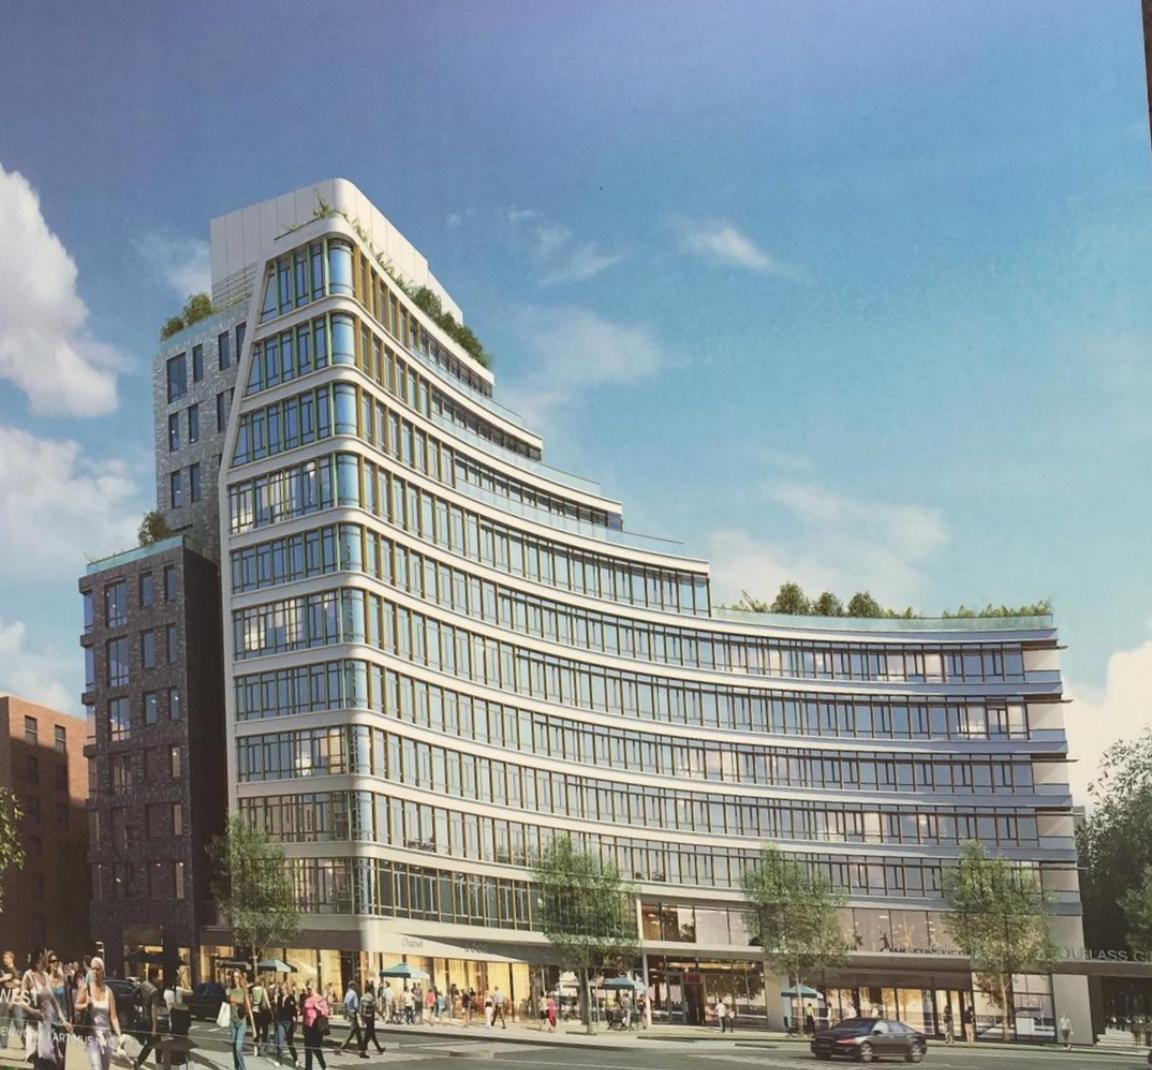 2040 Frederick Douglass Boulevard, image by HarlemGal